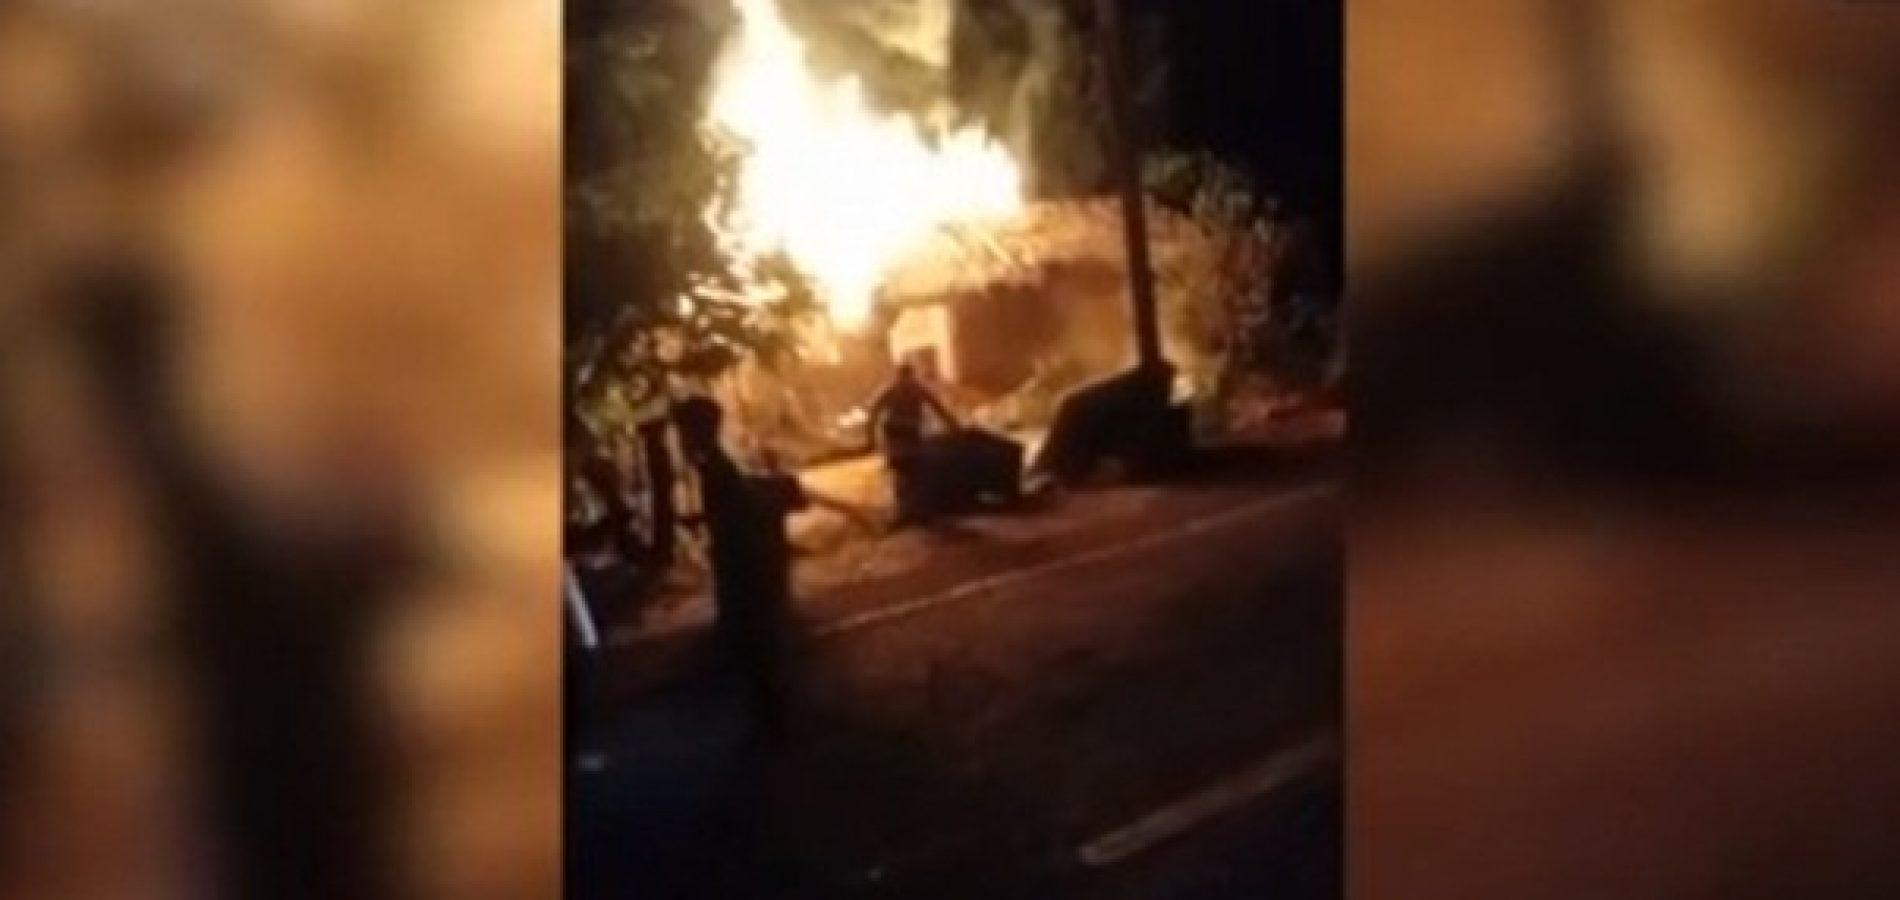 Homem suspeito de atear fogo na casa da vizinha é preso no Sul do Piauí